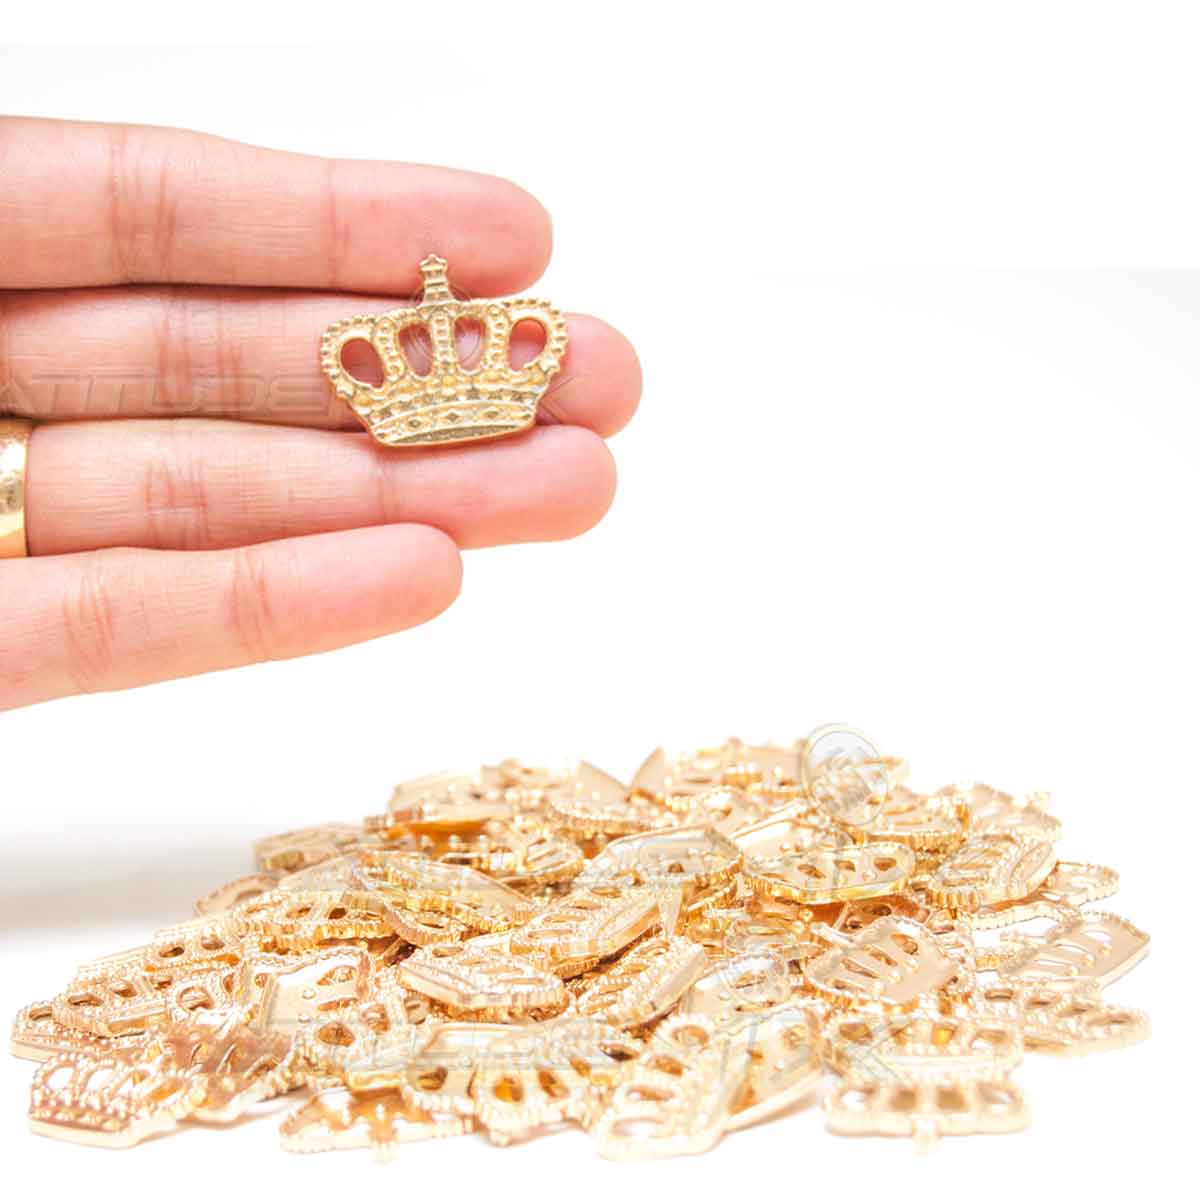 Kit 90 Coroas Douradas Metal Lembranças Decoração Enfeites